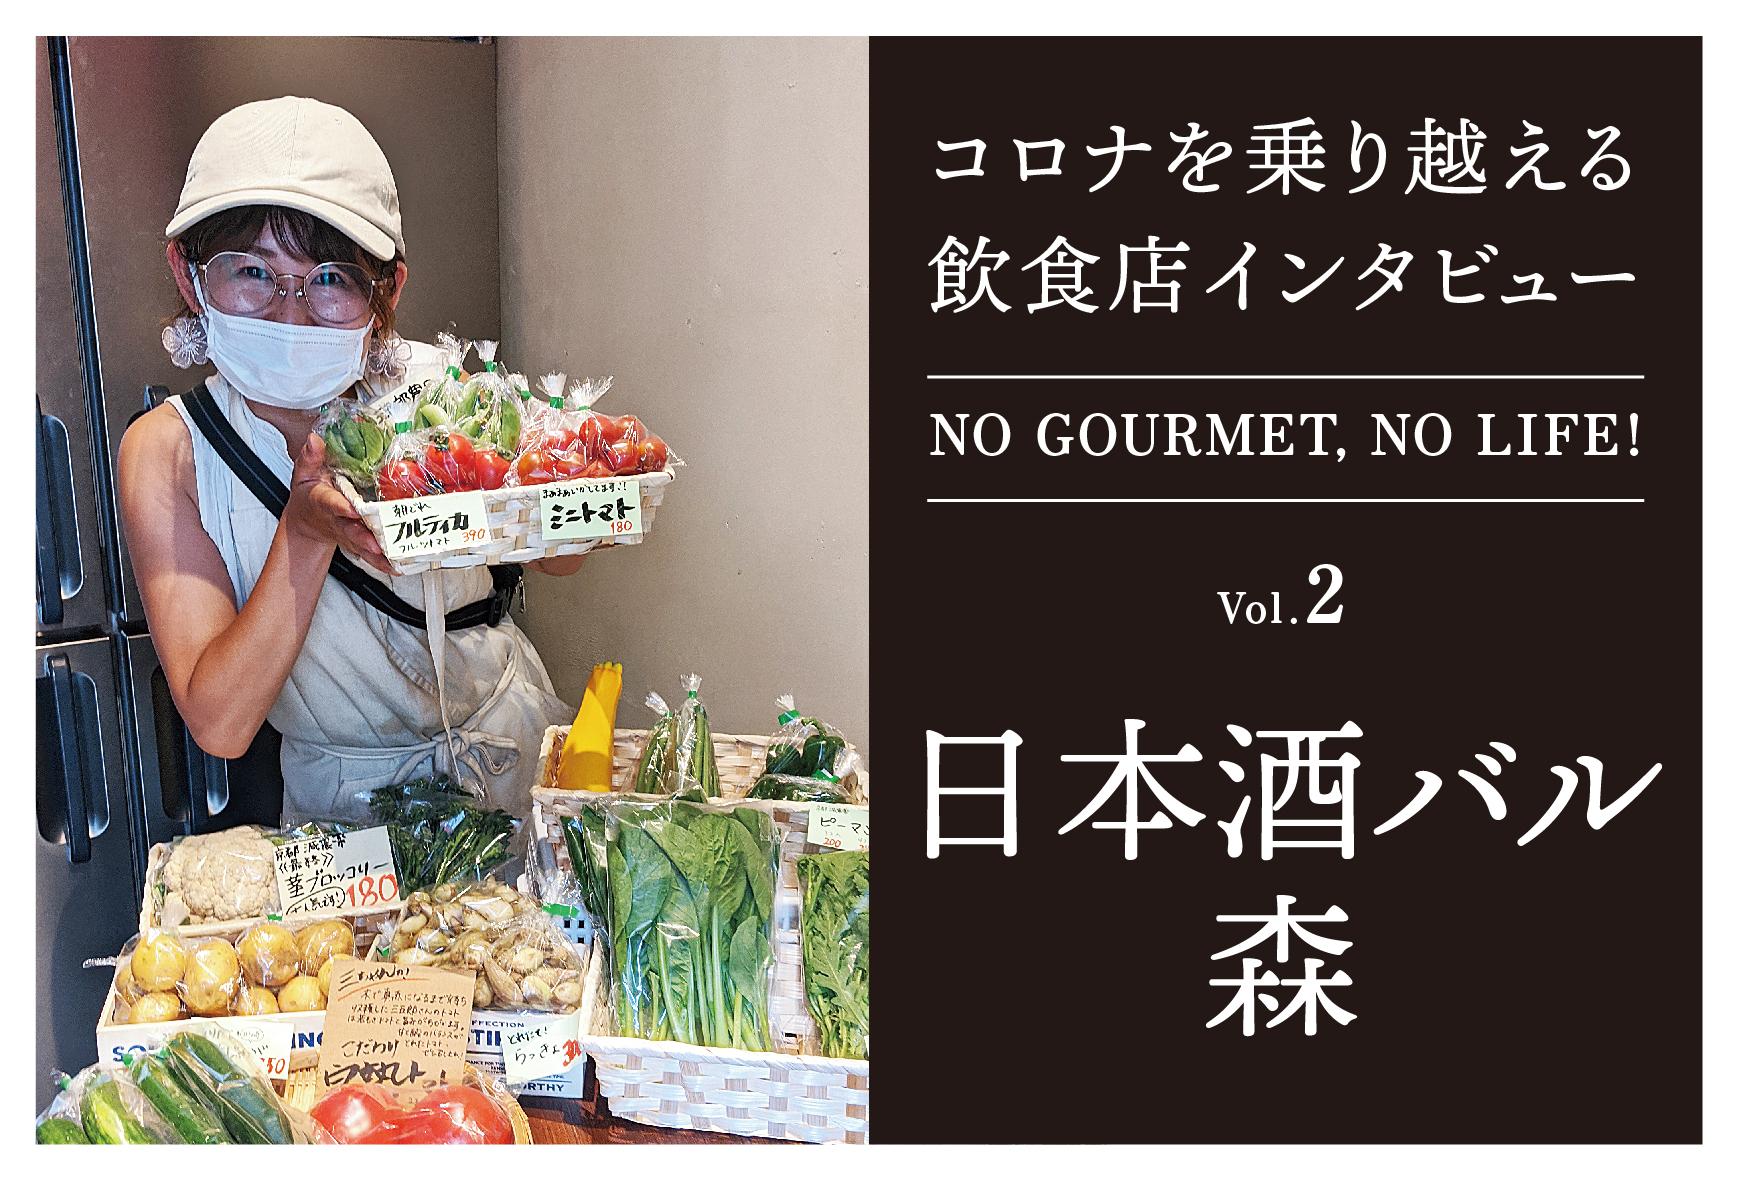 コロナを乗り越える飲食店インタビュー Vol.2(日本酒バル森)